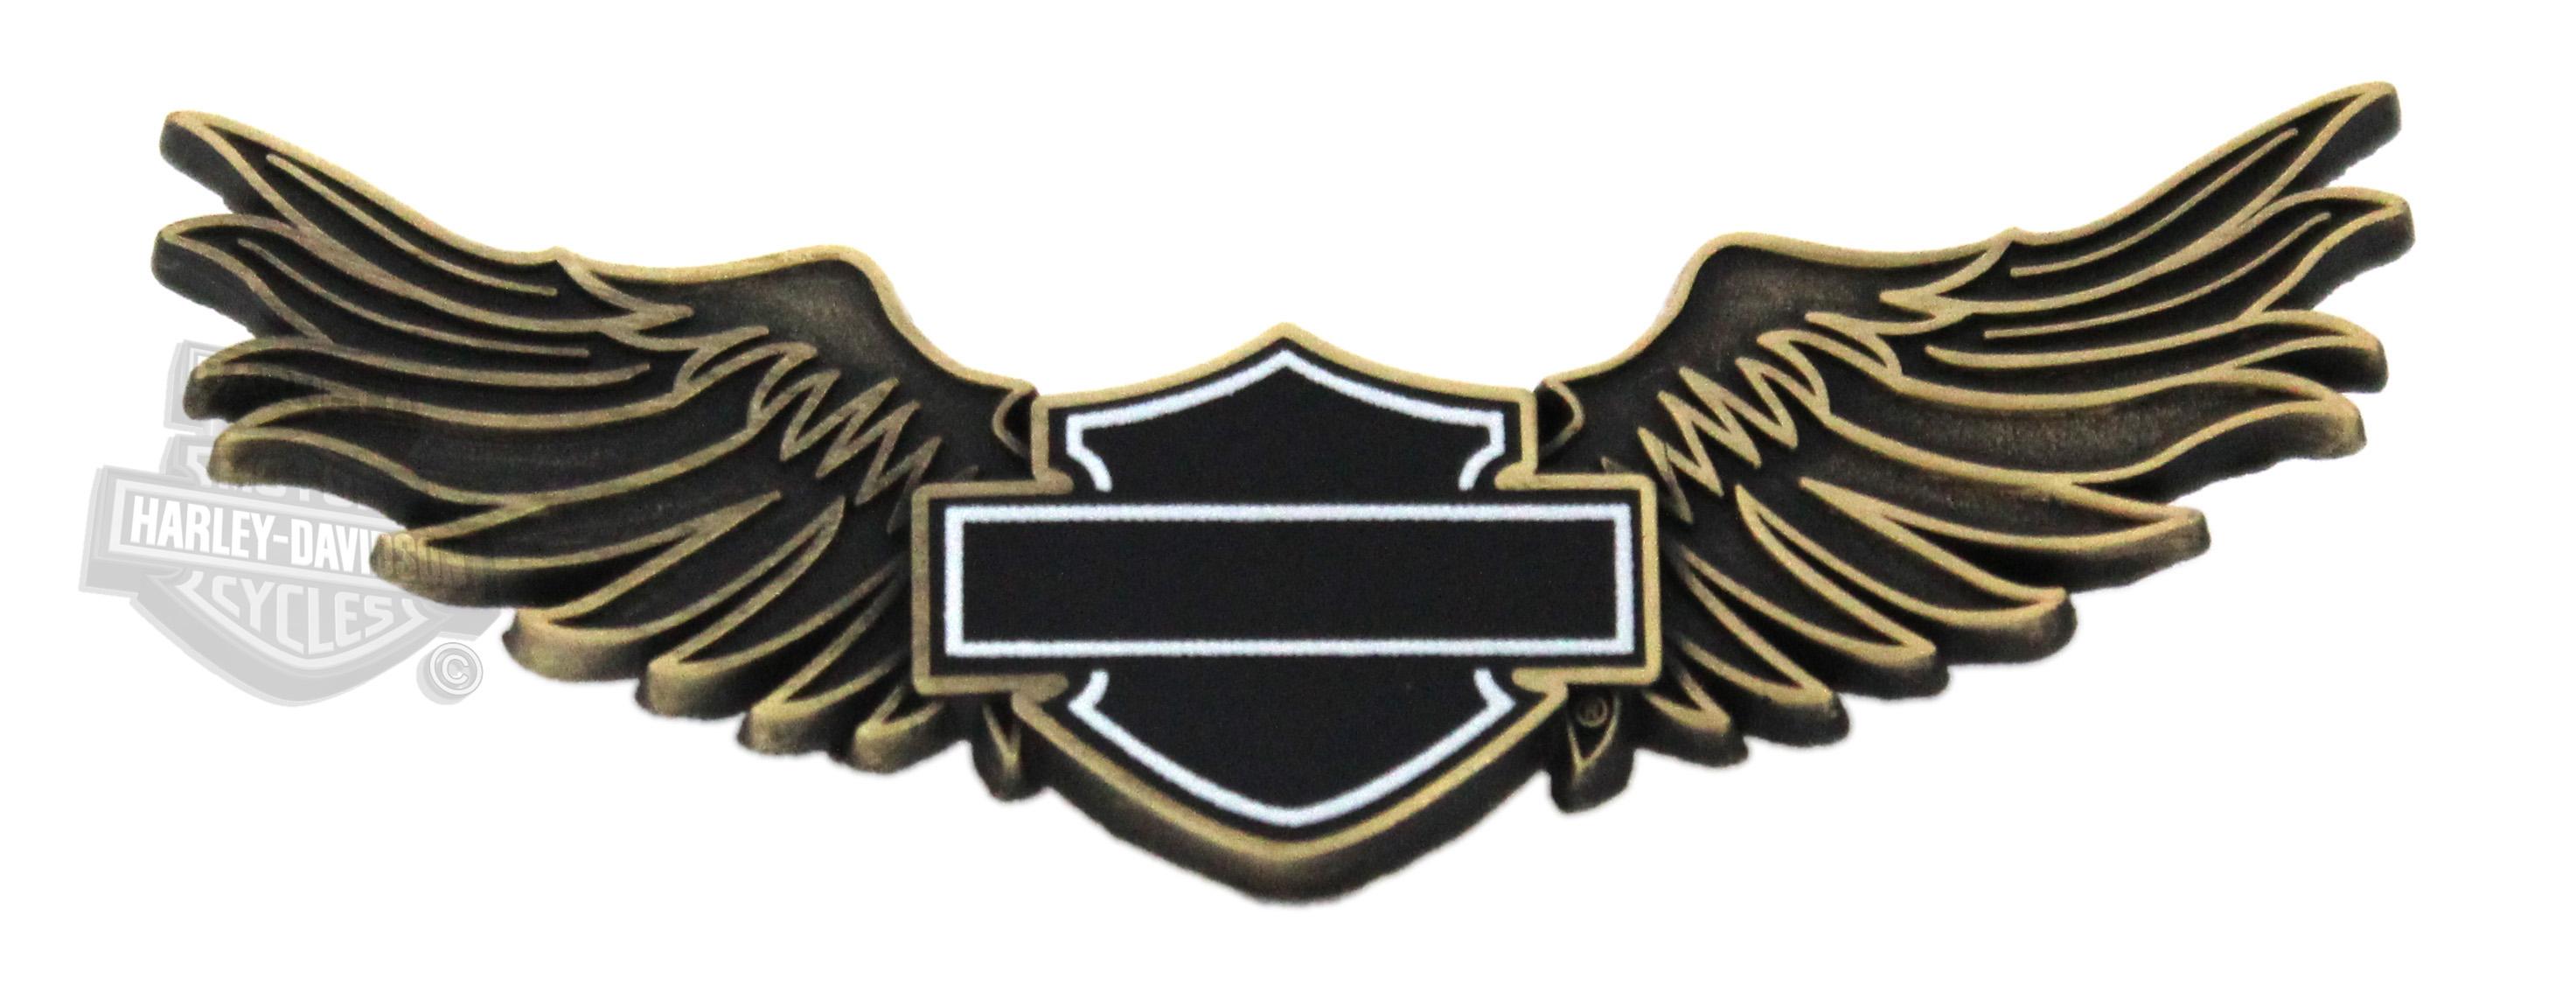 harley davidson wings logos harley davidson logo outline stencil harley davidson logo stencil for painting